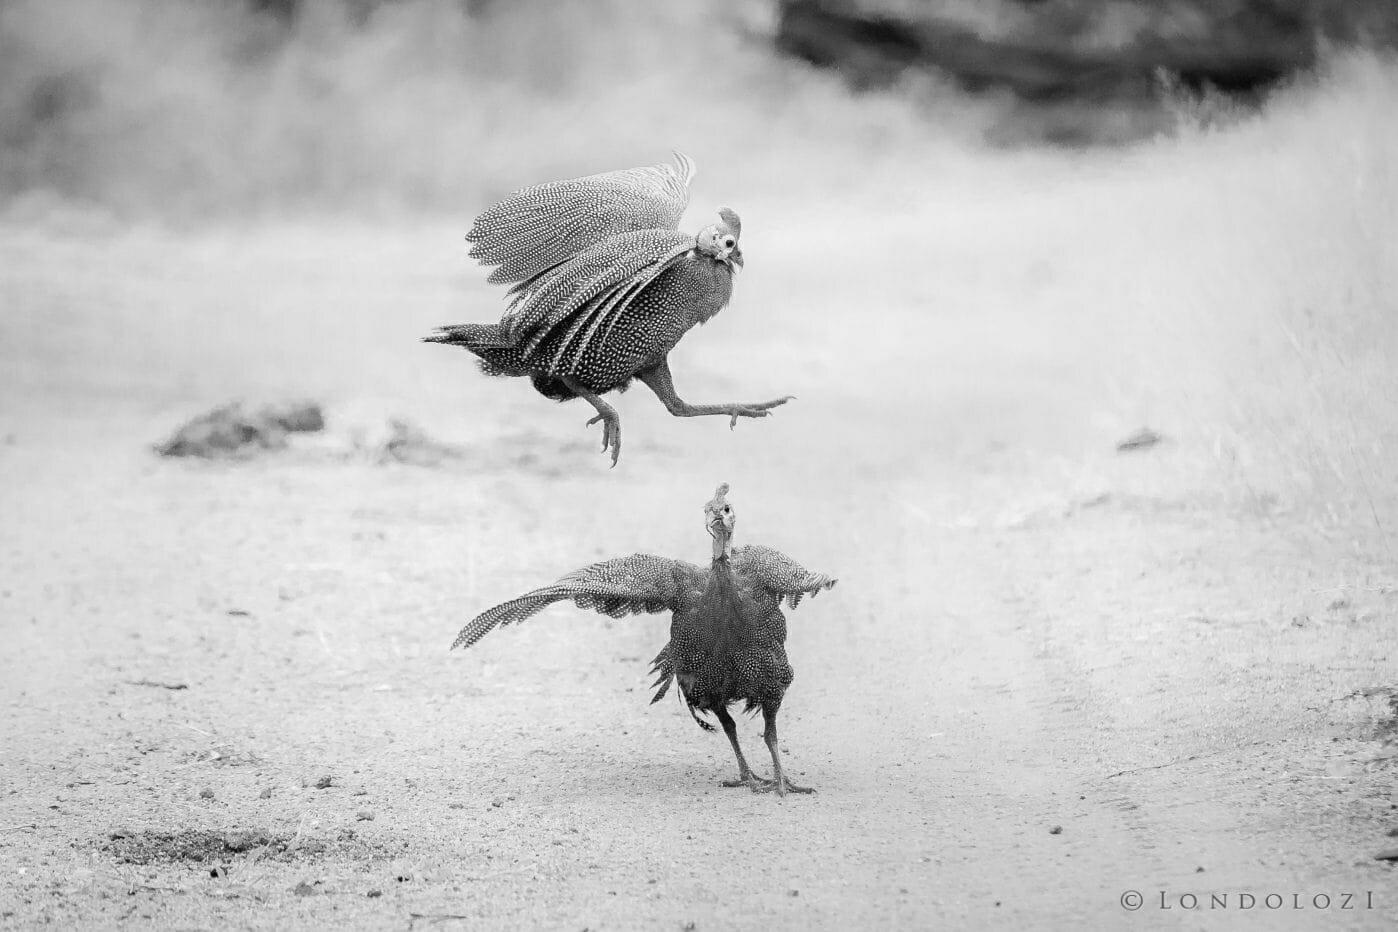 Gunieafowl Bird Brawl 5